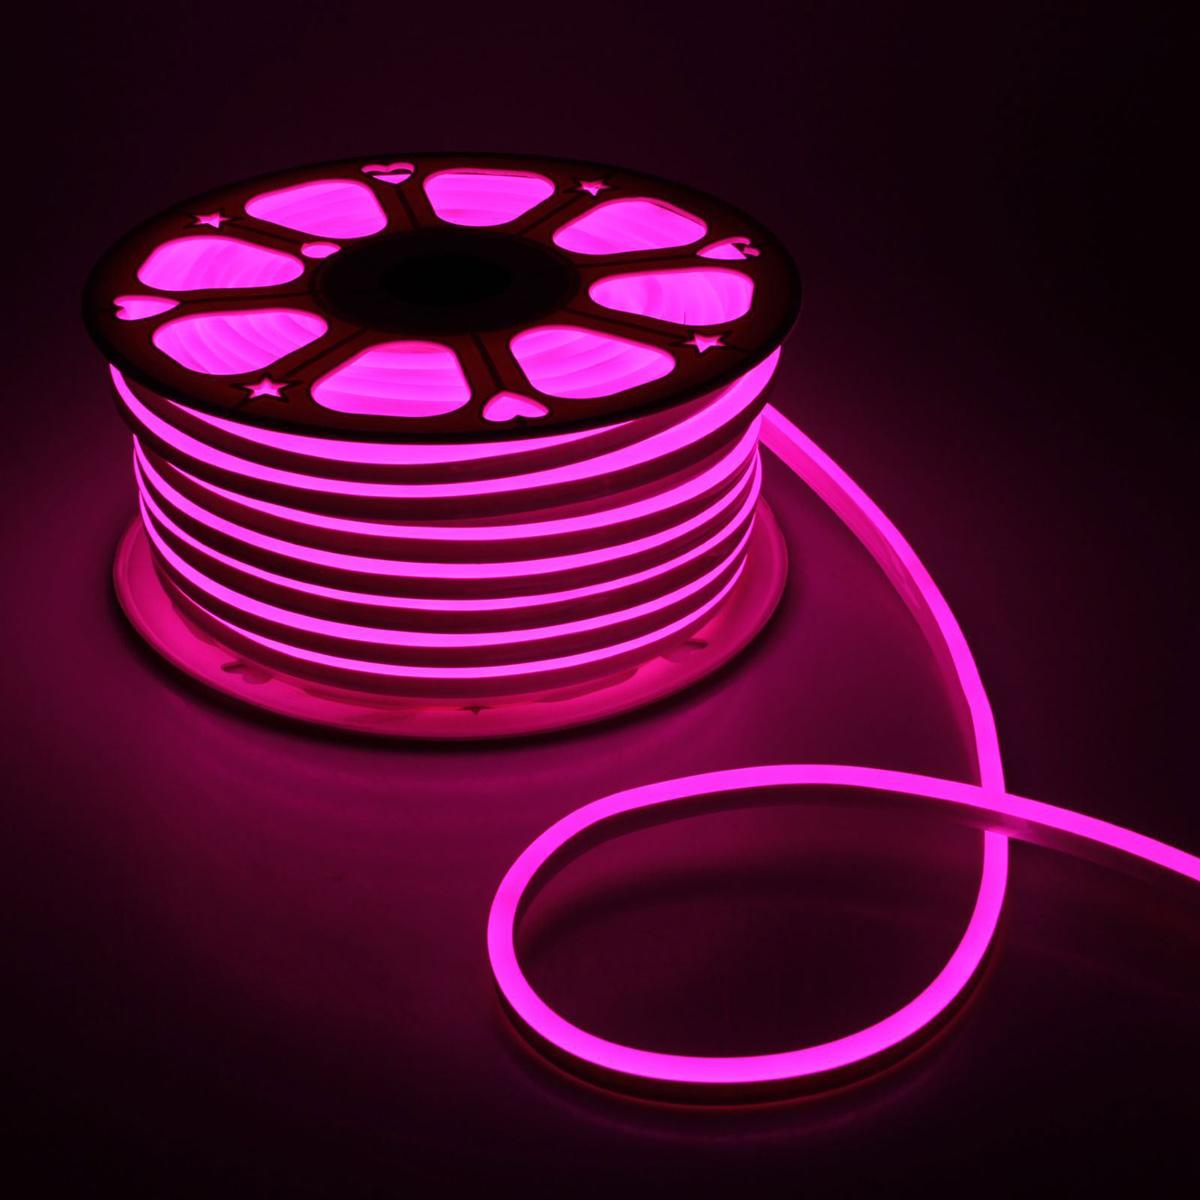 Гирлянда светодиодная Luazon, 120 ламп, 220 V, цвет: розовый, 0,8 см х 1,6 см х 50 м. 14312641431264Светодиодные гирлянды, ленты и т.д — это отличный вариант для новогоднего оформления интерьера или фасада. С их помощью помещение любого размера можно превратить в праздничный зал, а внешние элементы зданий, украшенные ими, мгновенно станут напоминать очертания сказочного дворца. Такие украшения создают ауру предвкушения чуда. Деревья, фасады, витрины, окна и арки будто специально созданы, чтобы вы украсили их светящимися нитями.